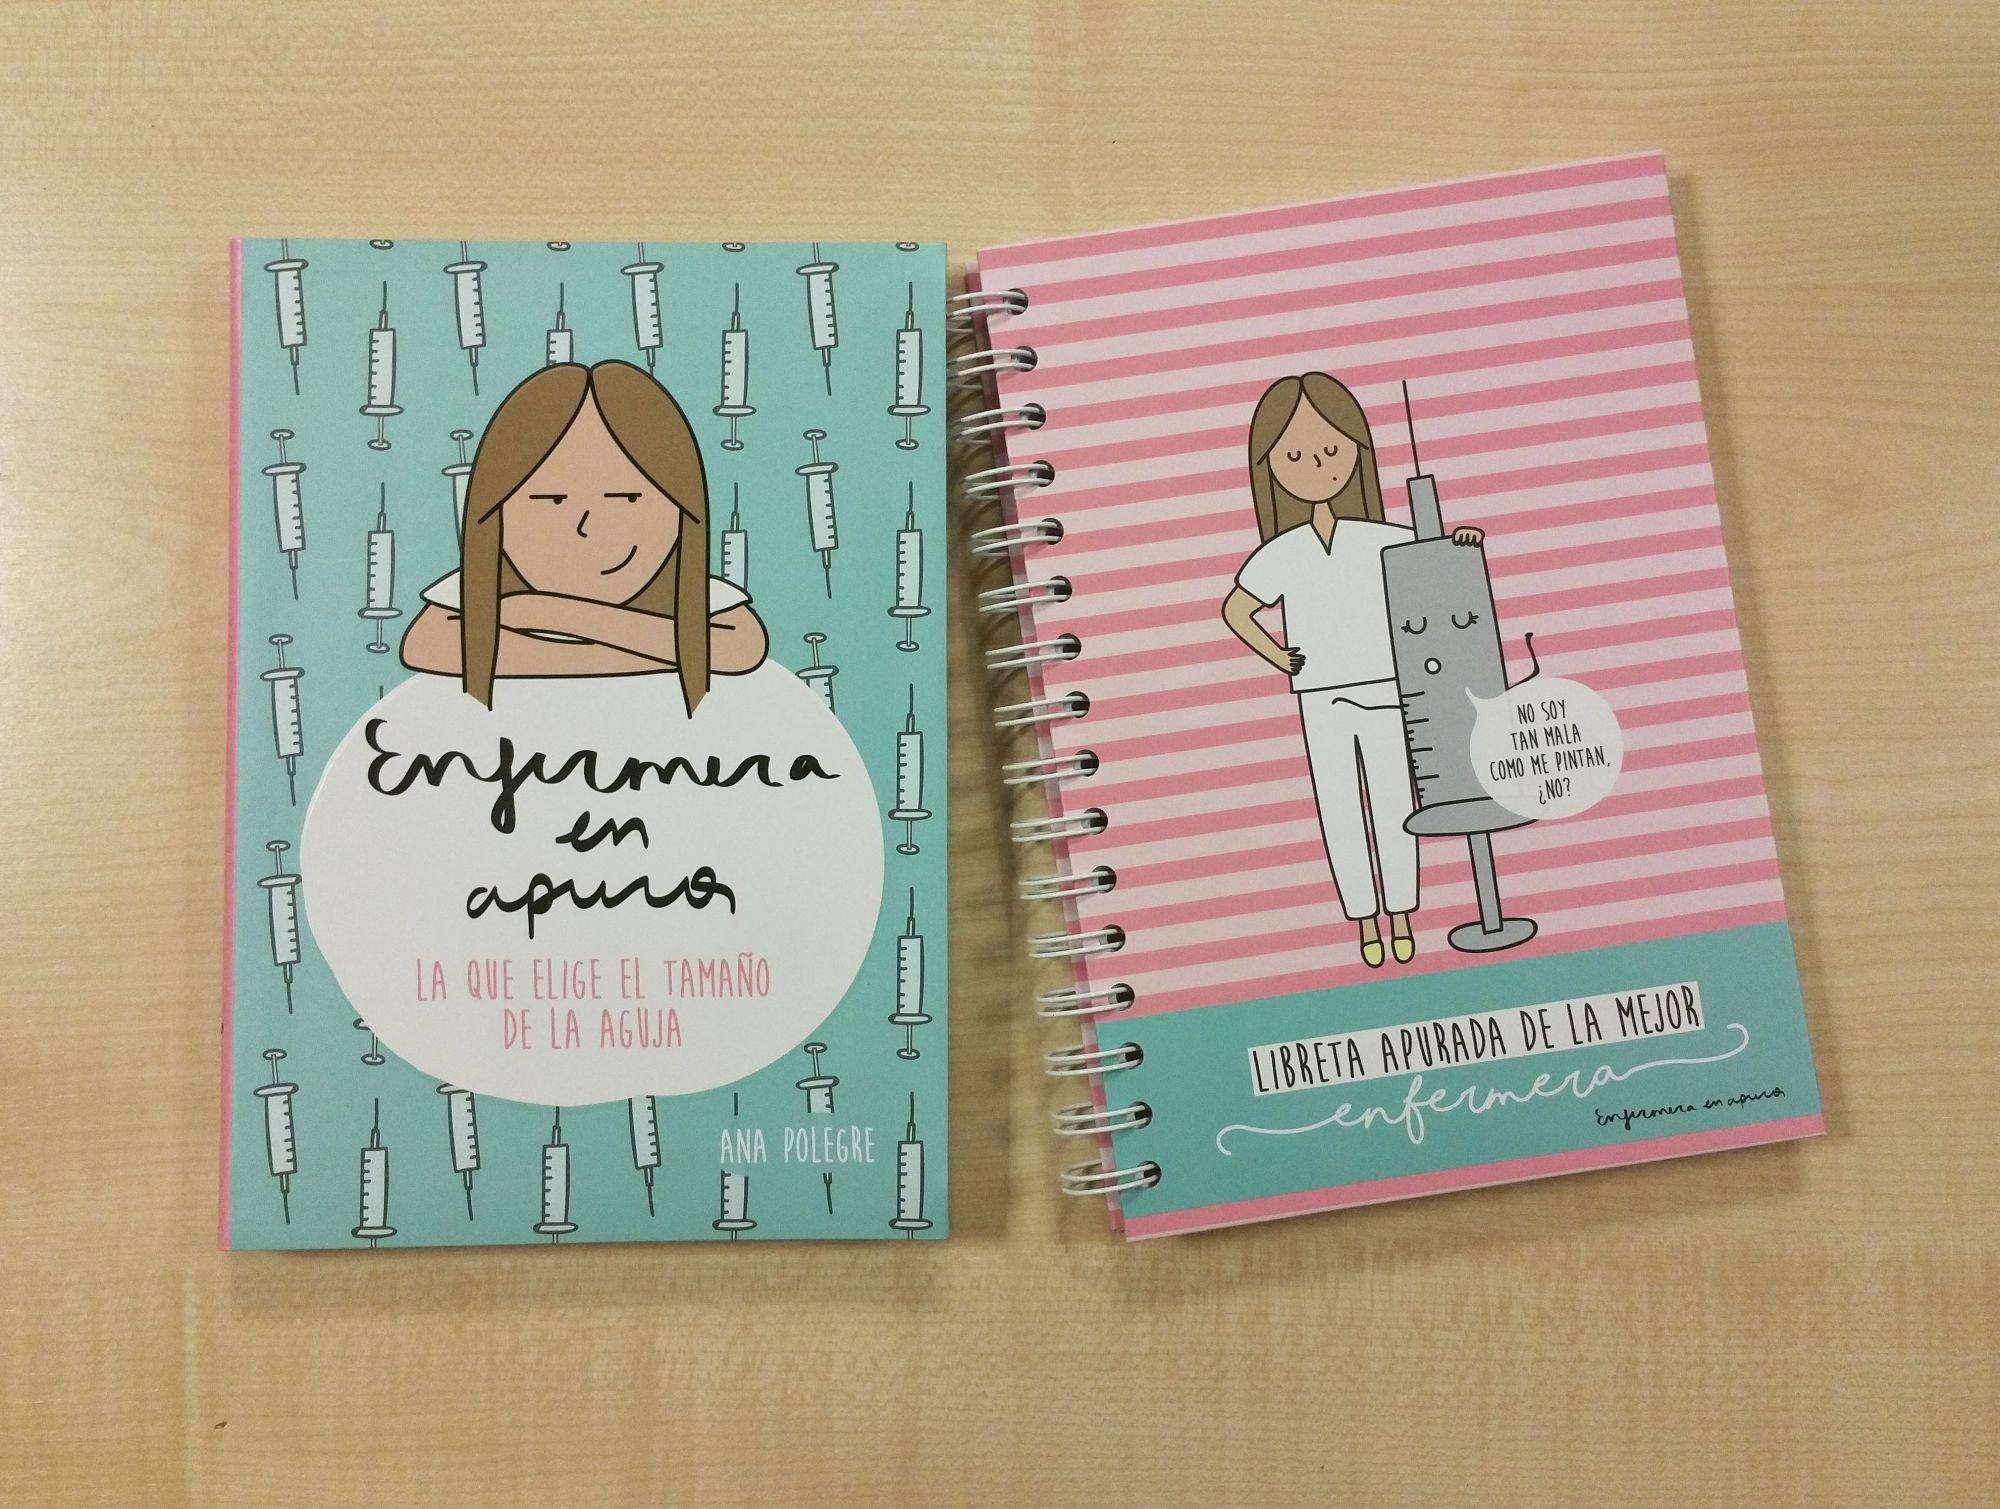 Pack enfermera en apuros (Autoayuda y superación): Amazon.es: Ana Polegre Enfermera en apuros: Libros